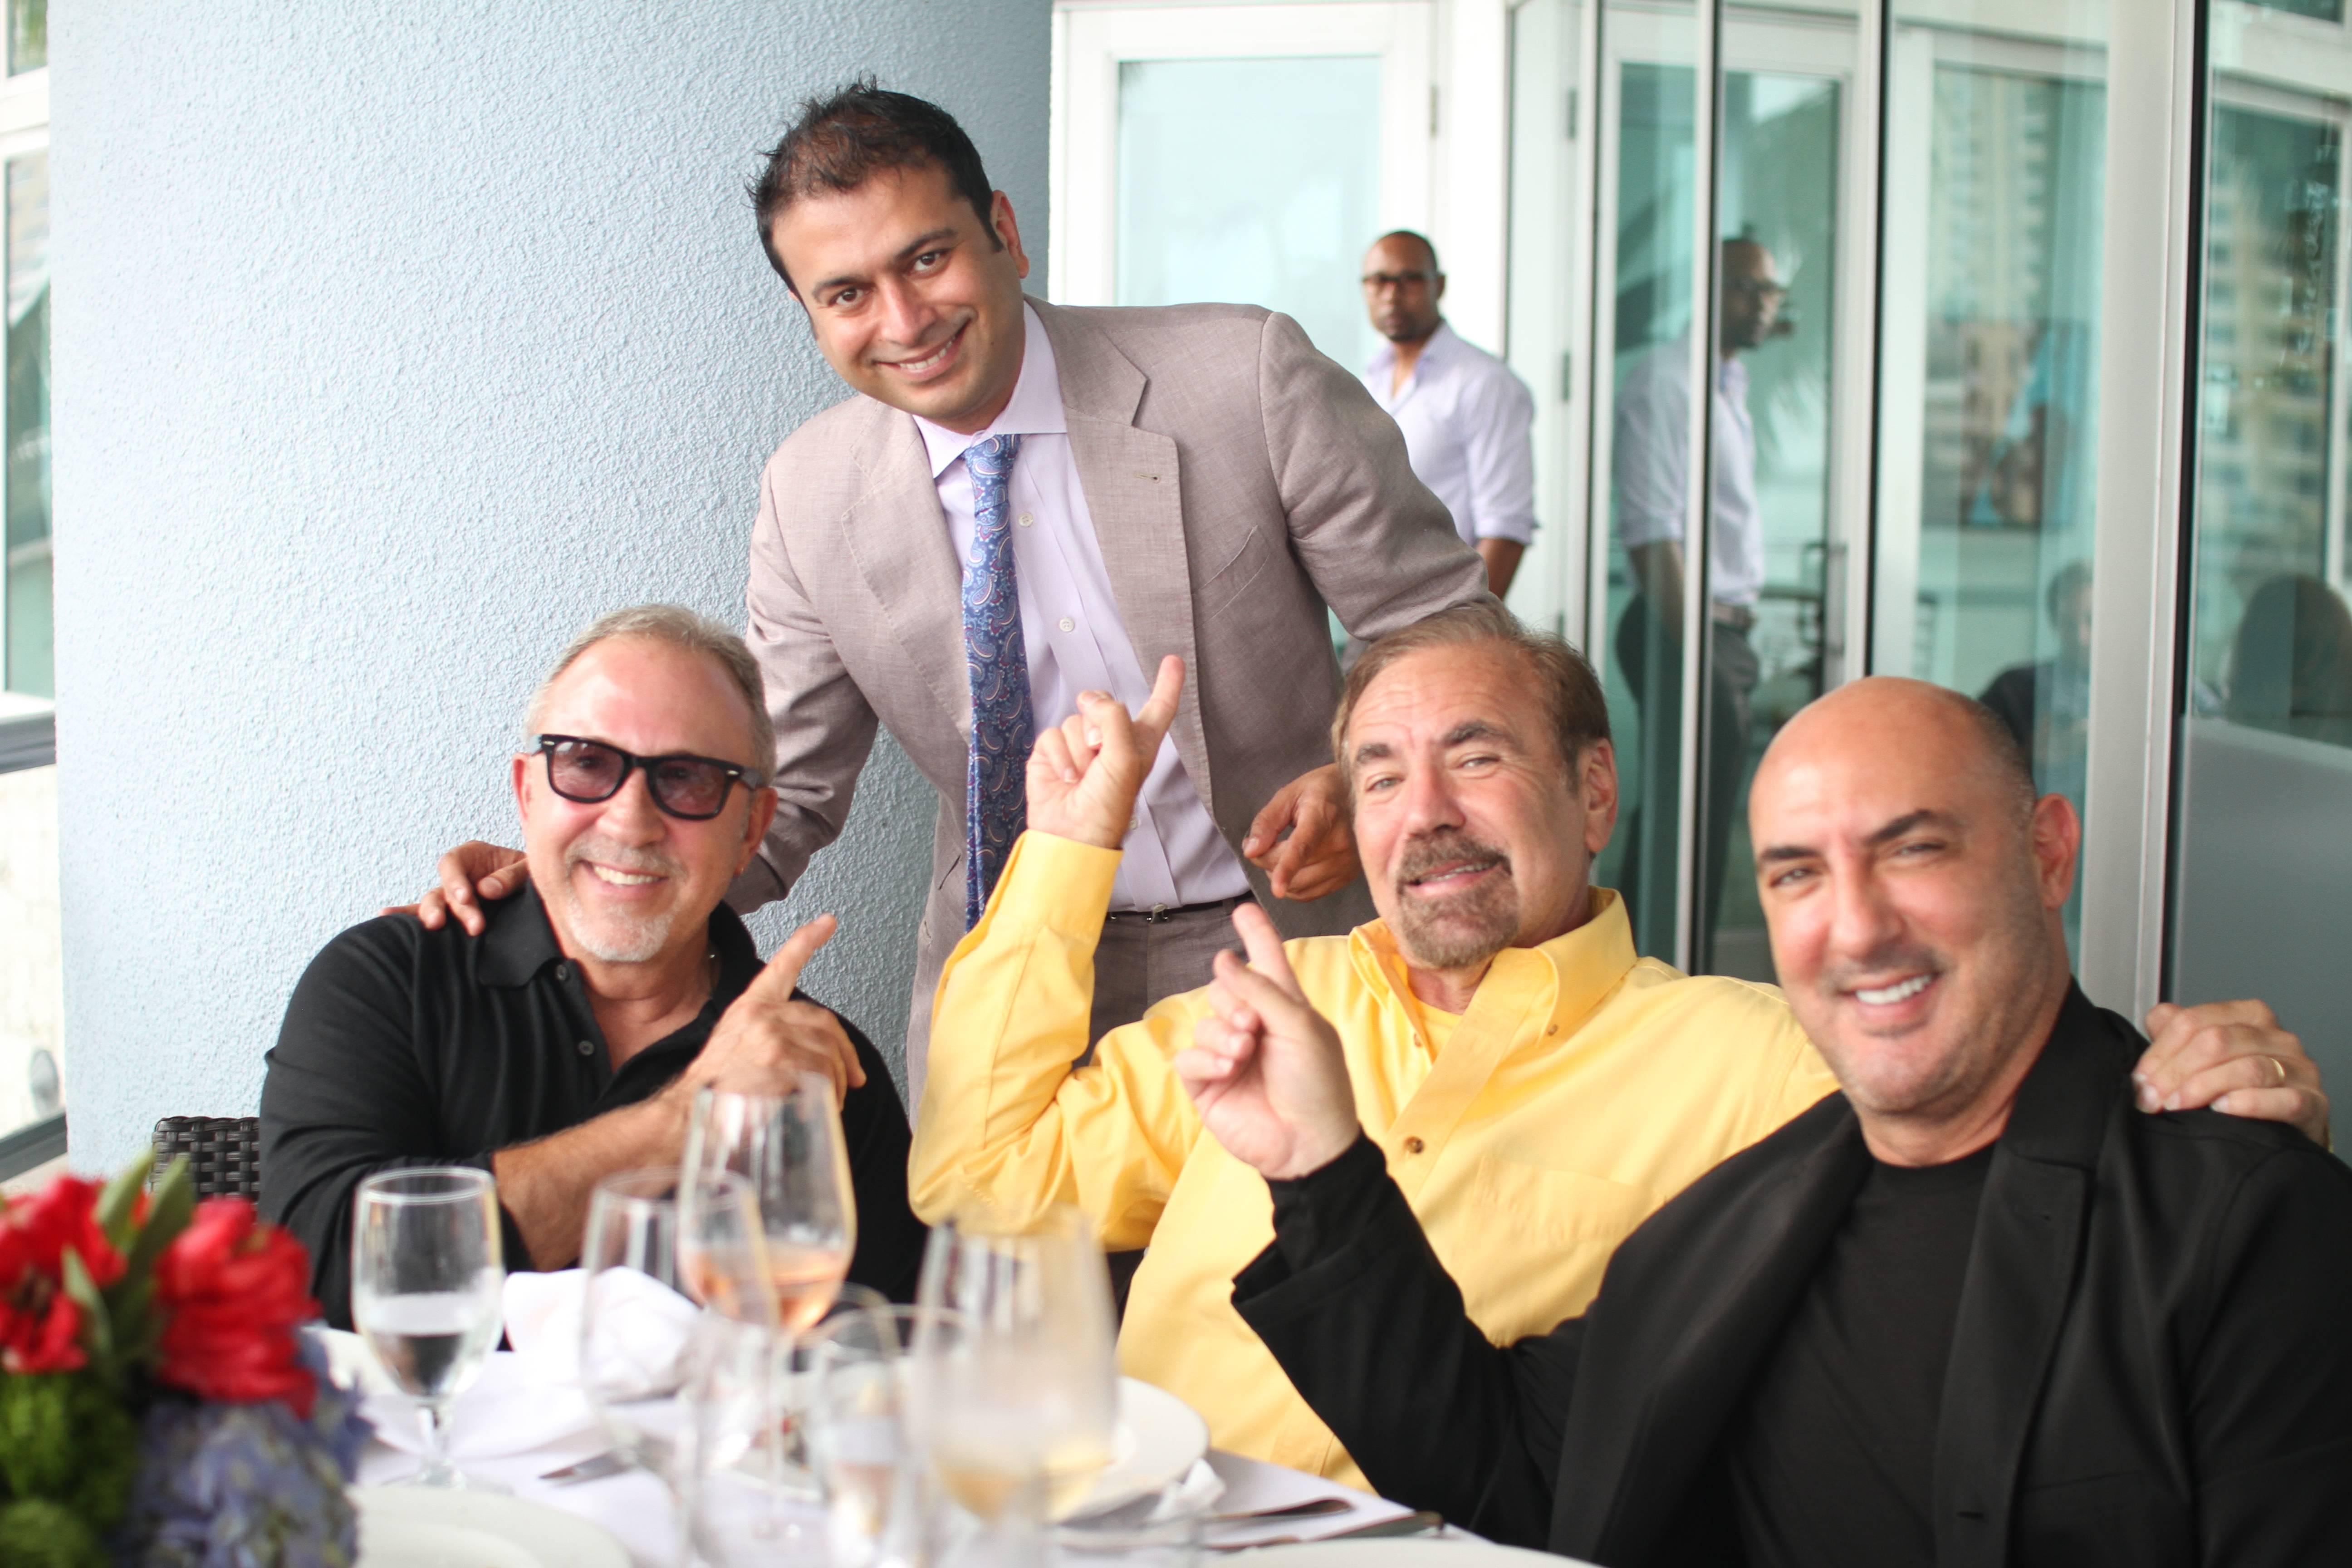 Emilio Estefan, Kamal Hotchandani, Jorge Perez and Gary Nader